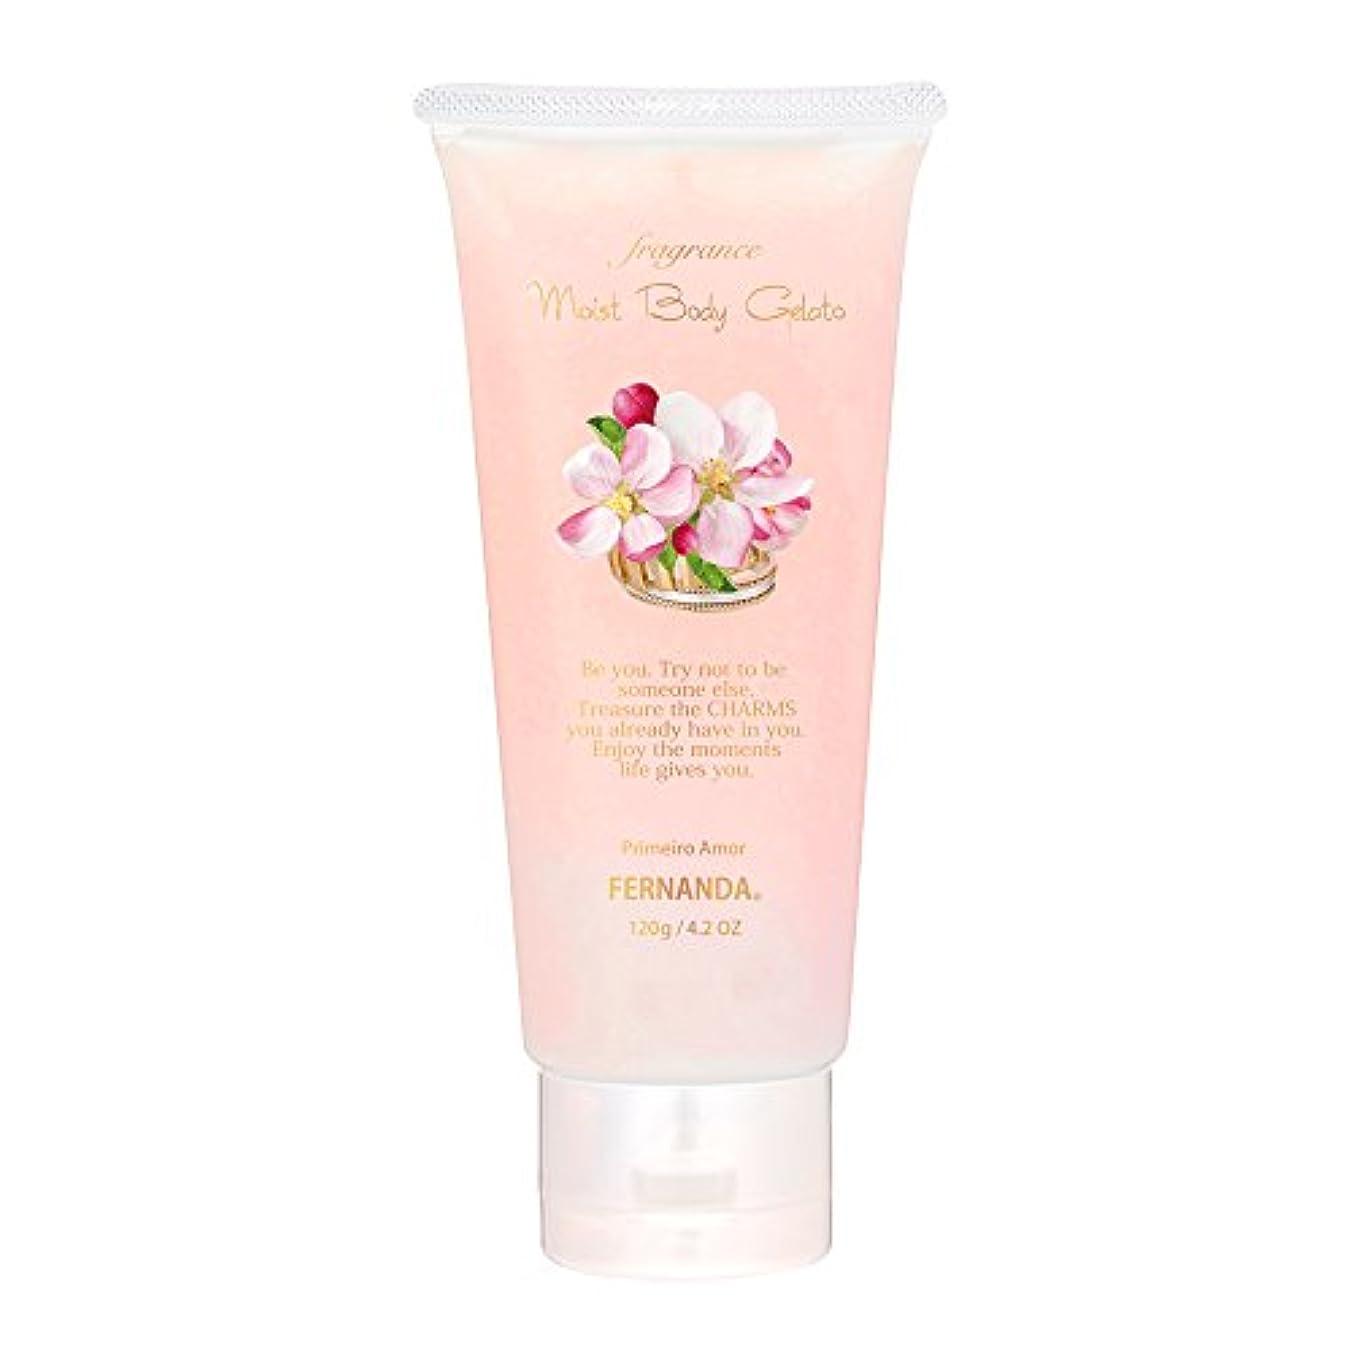 花嫁苦目的FERNANDA(フェルナンダ) Fragrance Moist Body Gelato Primeiro Amor (モイストボディジェラート プリメイロアモール)